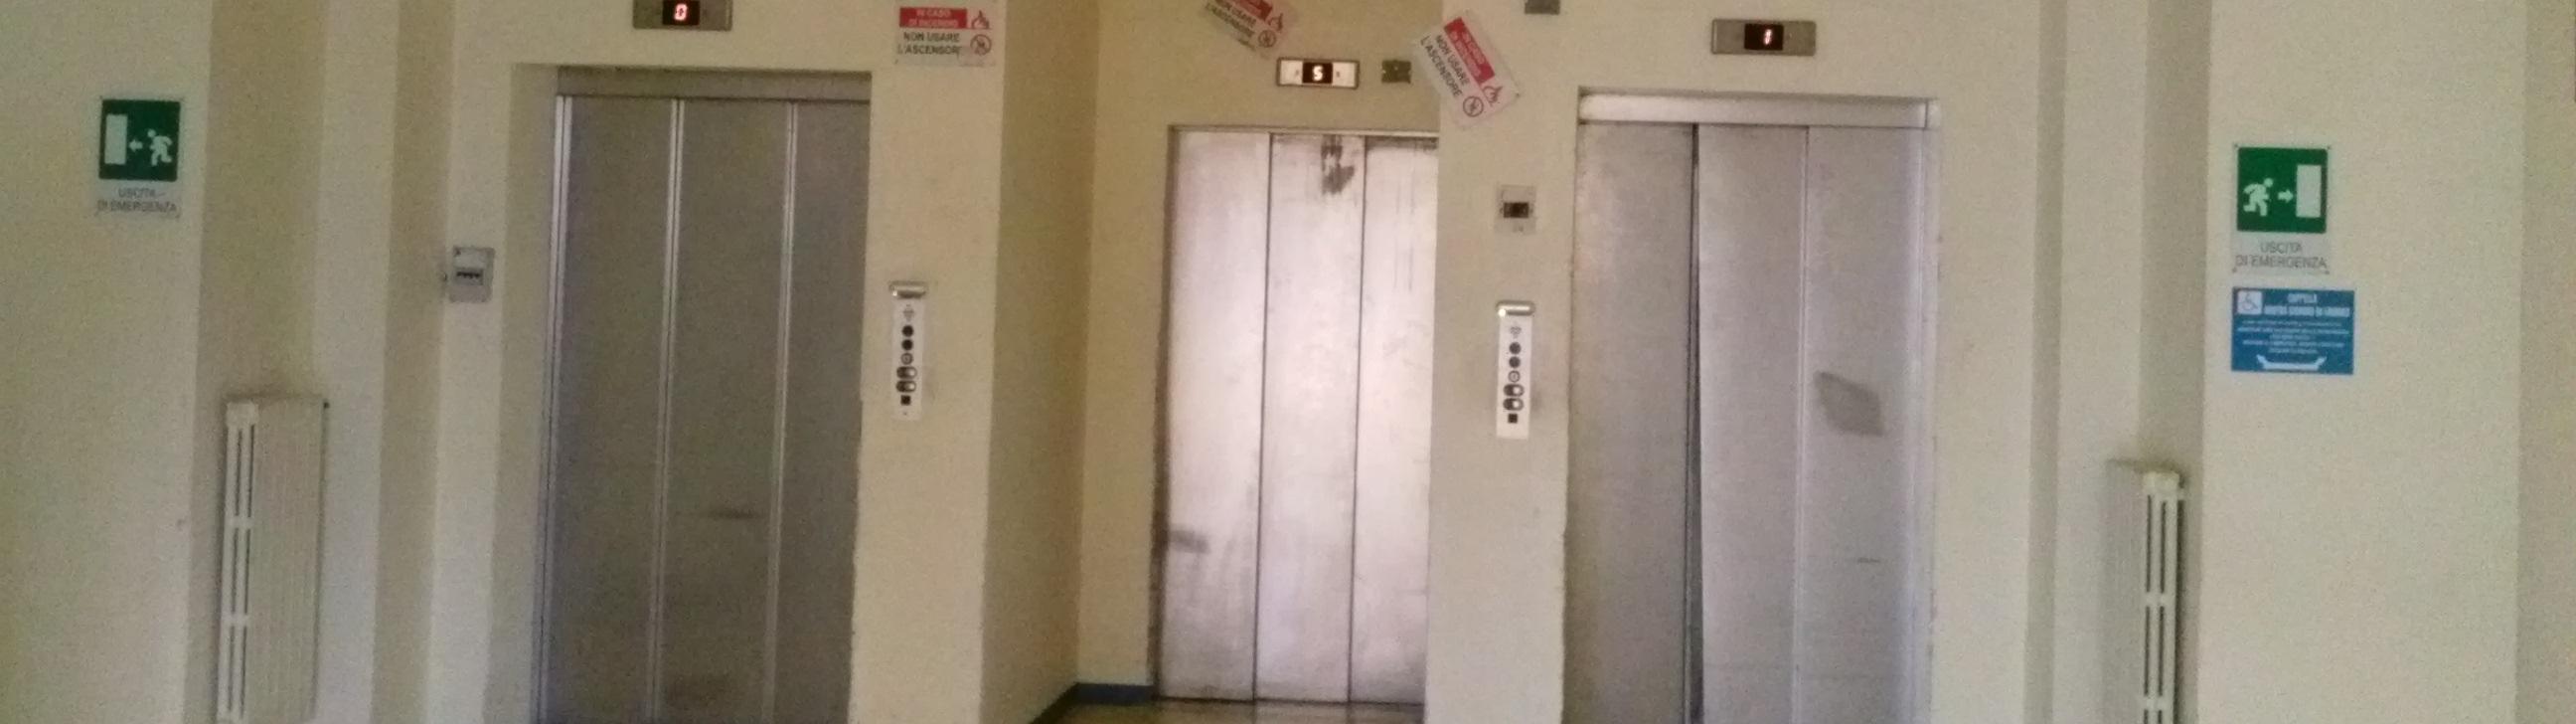 Vincenzo logozzo sugli ascensori dell 39 ospedale di locri for Piano piano dell ascensore